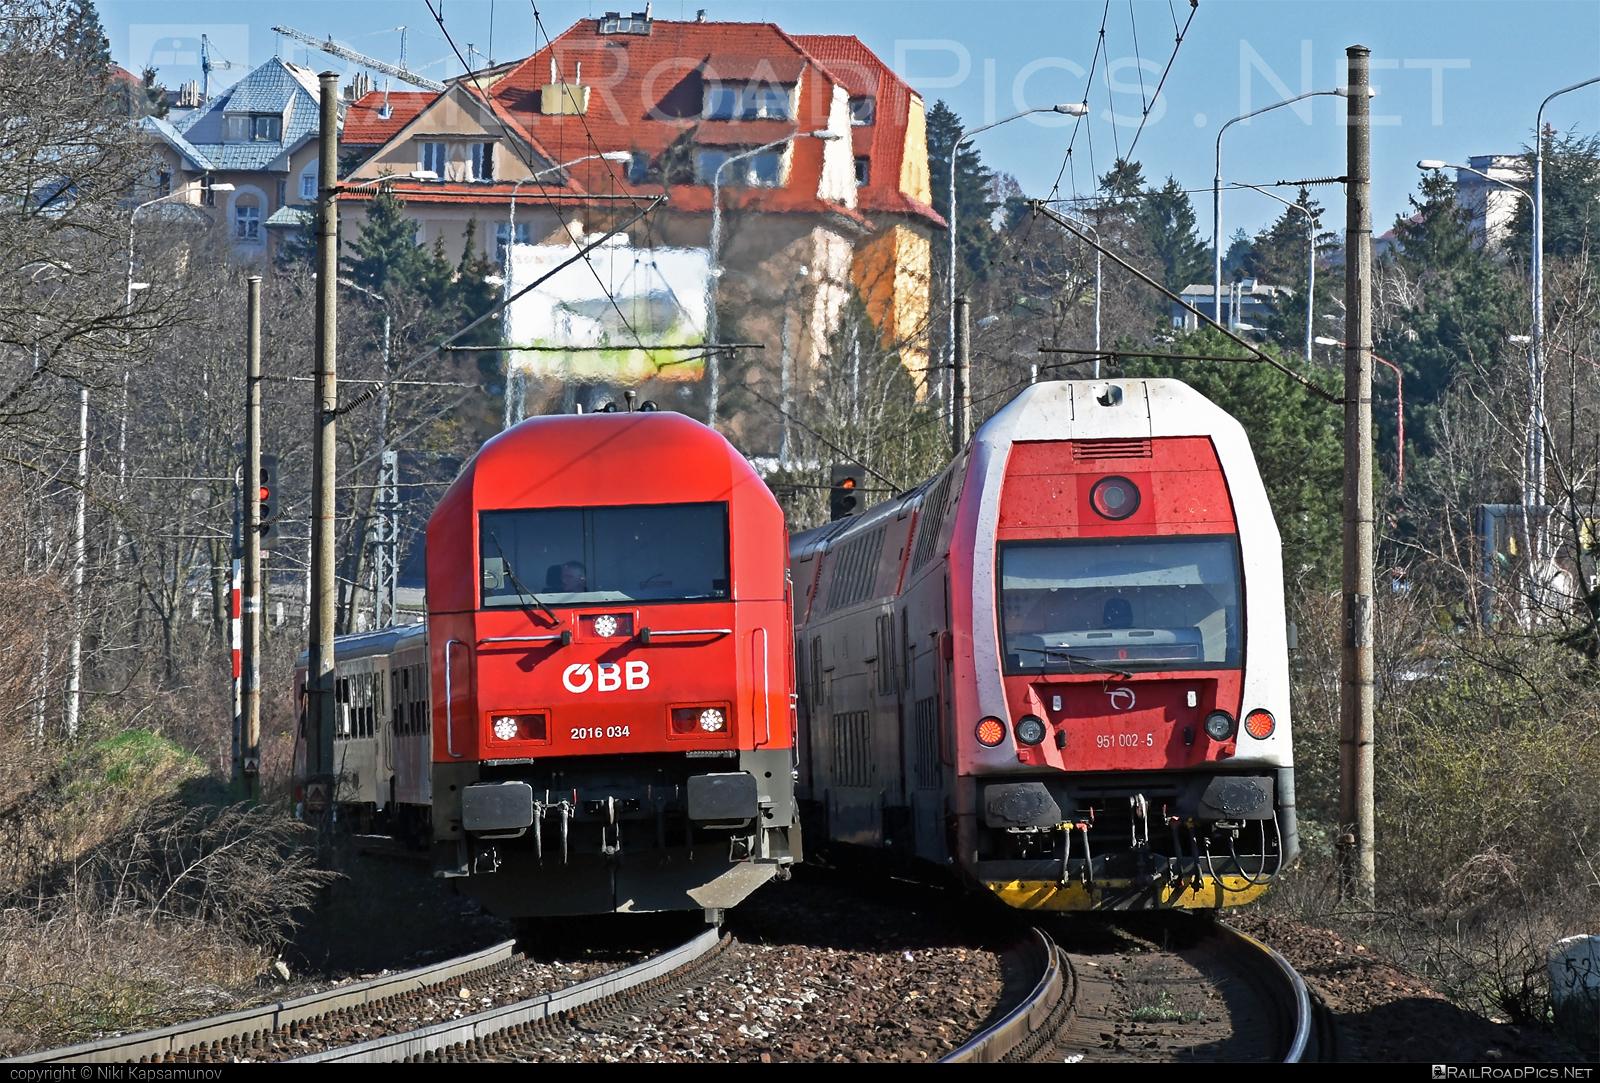 Siemens ER20 - 2016 034 operated by Österreichische Bundesbahnen #er20 #er20hercules #eurorunner #hercules #obb #osterreichischebundesbahnen #siemens #siemenser20 #siemenser20hercules #siemenseurorunner #siemenshercules